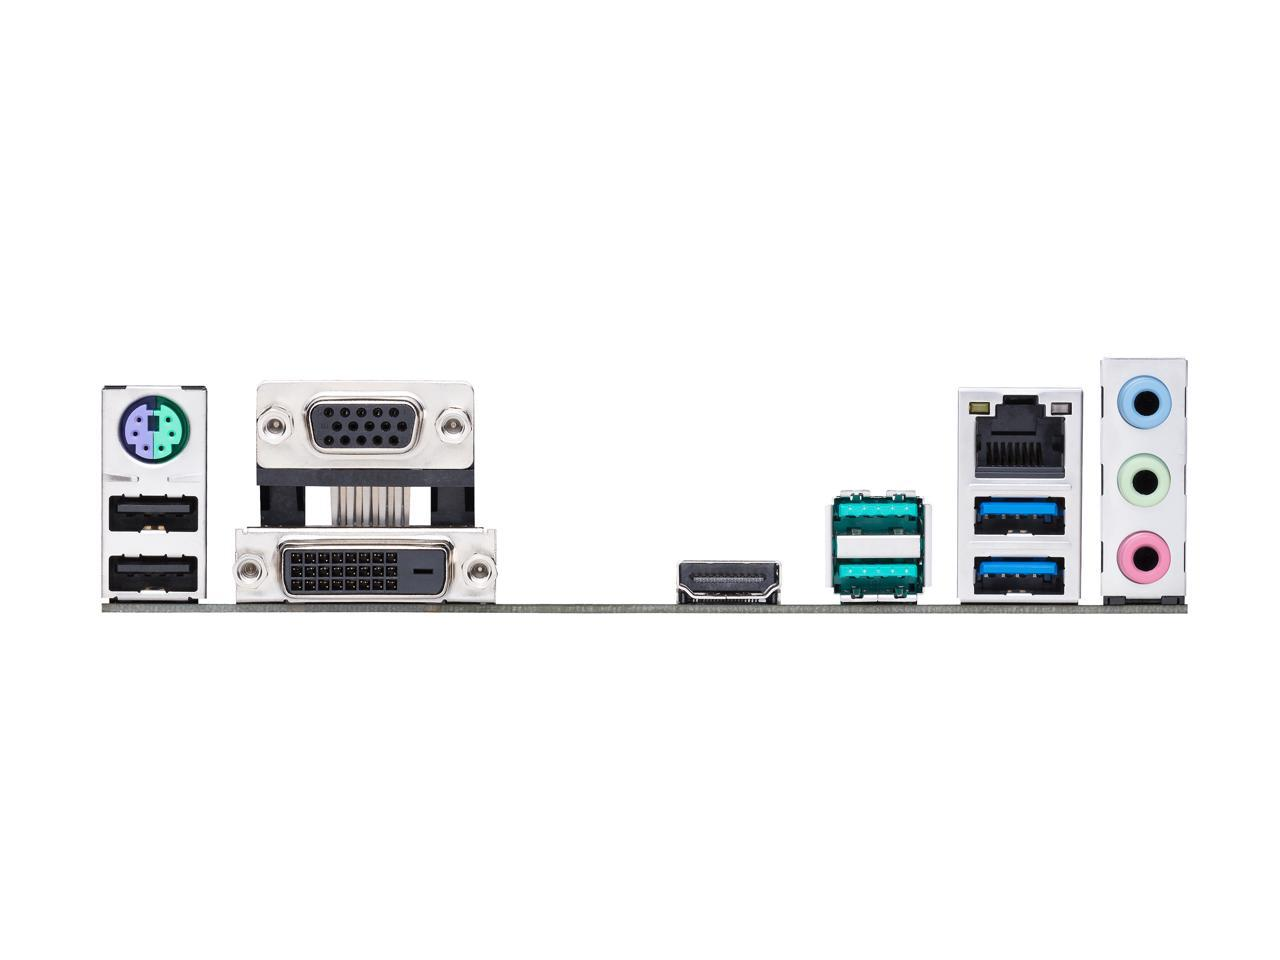 ASUS PRIME H370-A/CSM Intel H370 1151 LGA ATX M.2 Desktop